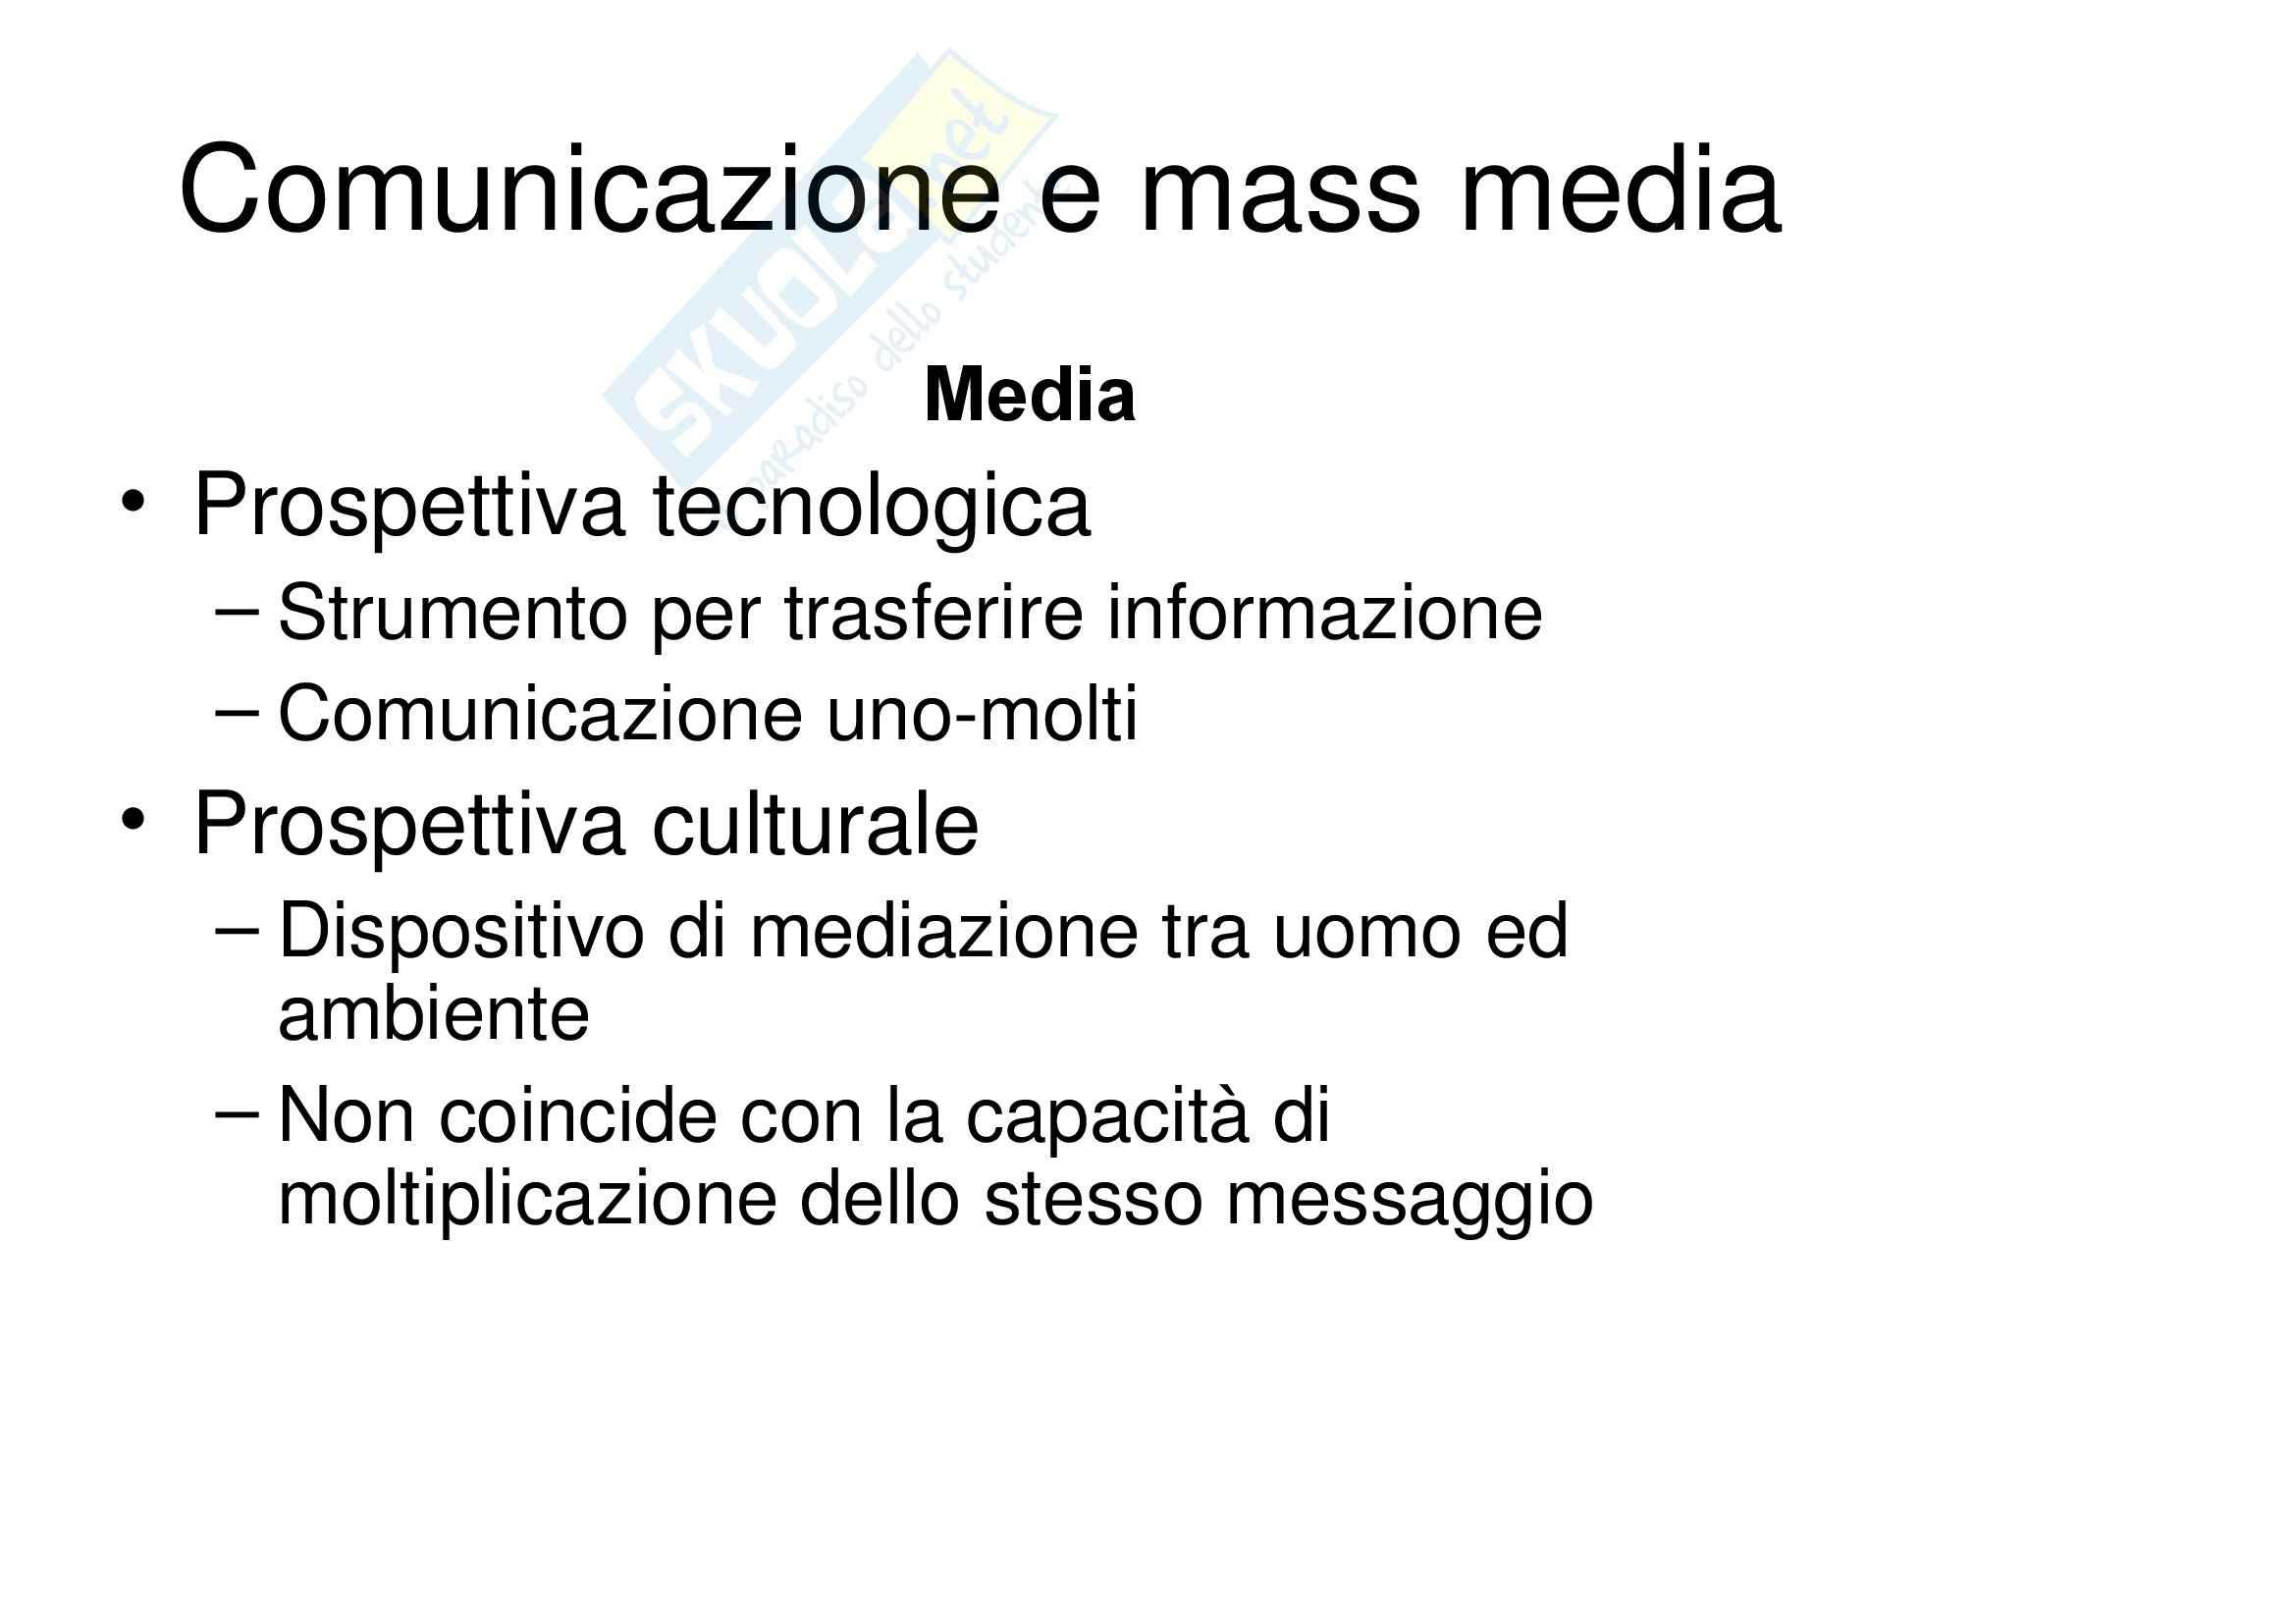 Psicopedagogia del linguaggio e della comunicazione – Comunicazione e mass media